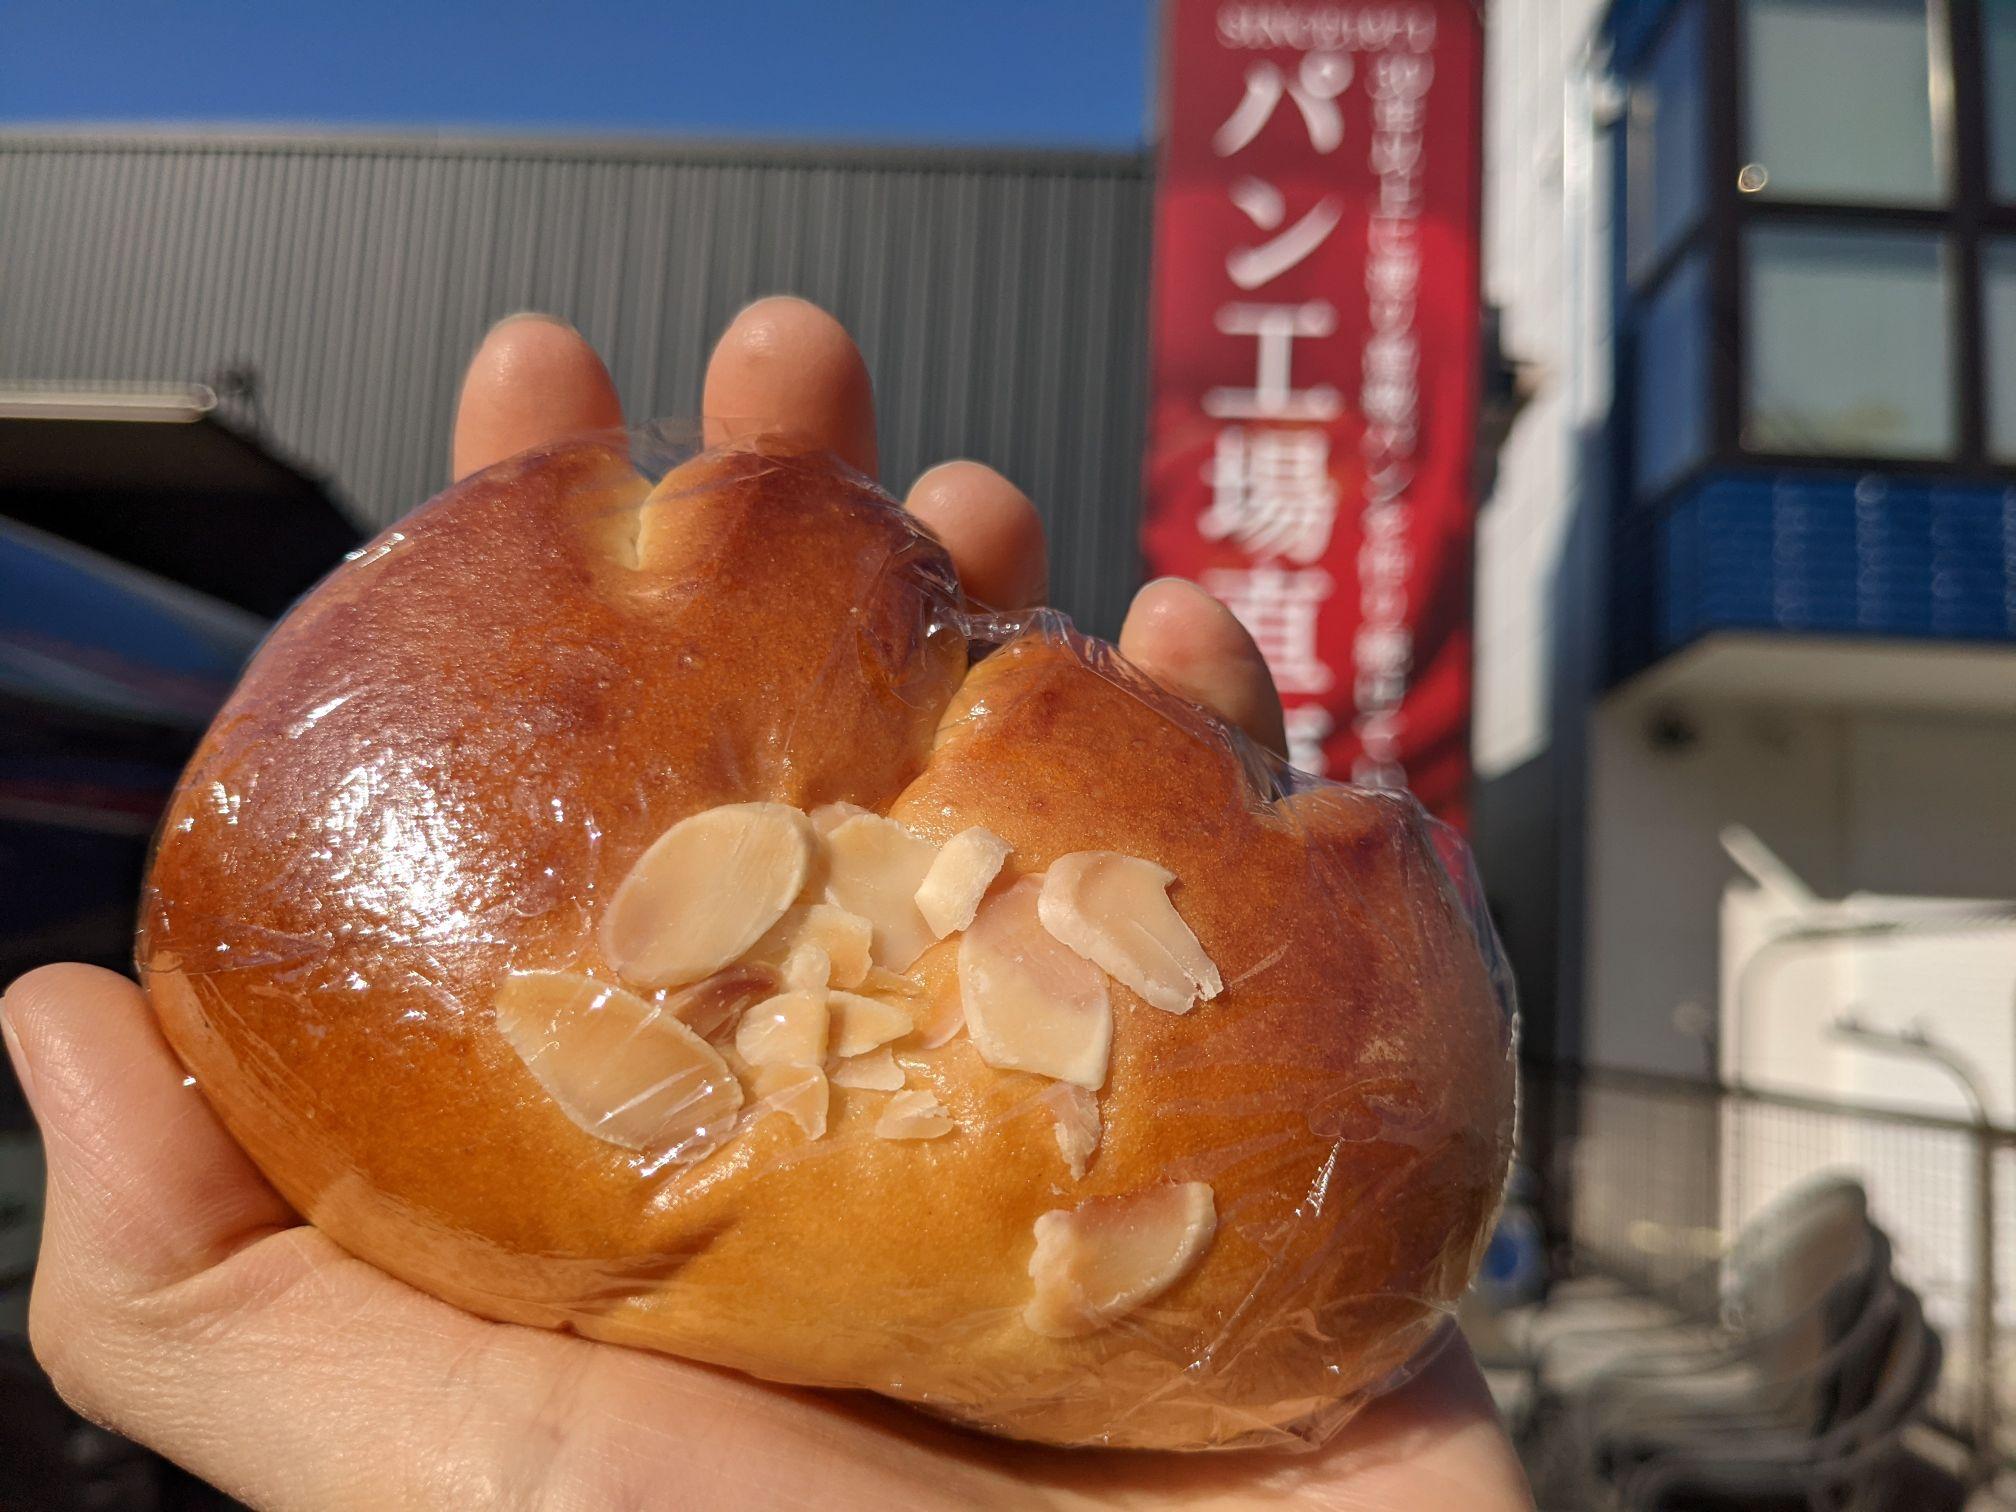 カメリヤのクリームパン